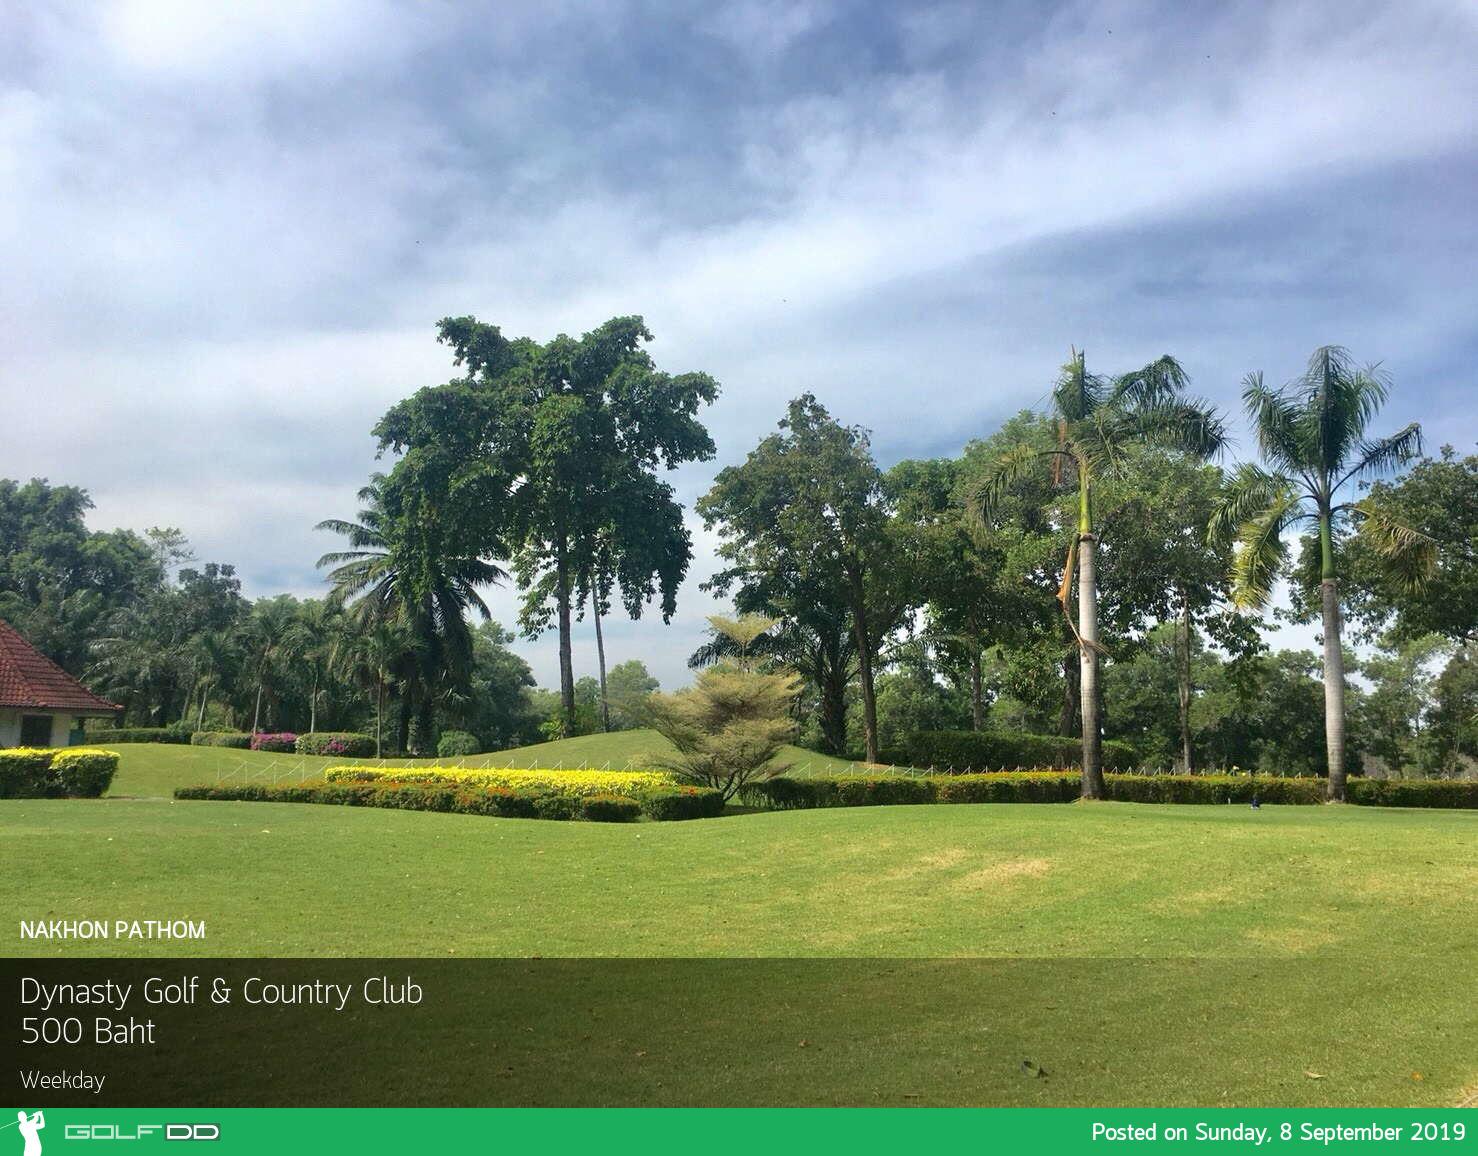 รีบเลย โปรลด 41% ออกรอบแค่ 1,000 บาท ที่ Dynasty Golf and Country Club นครปฐม จองผ่าน Golfdd จ่ายหน้าสนามได้เลย